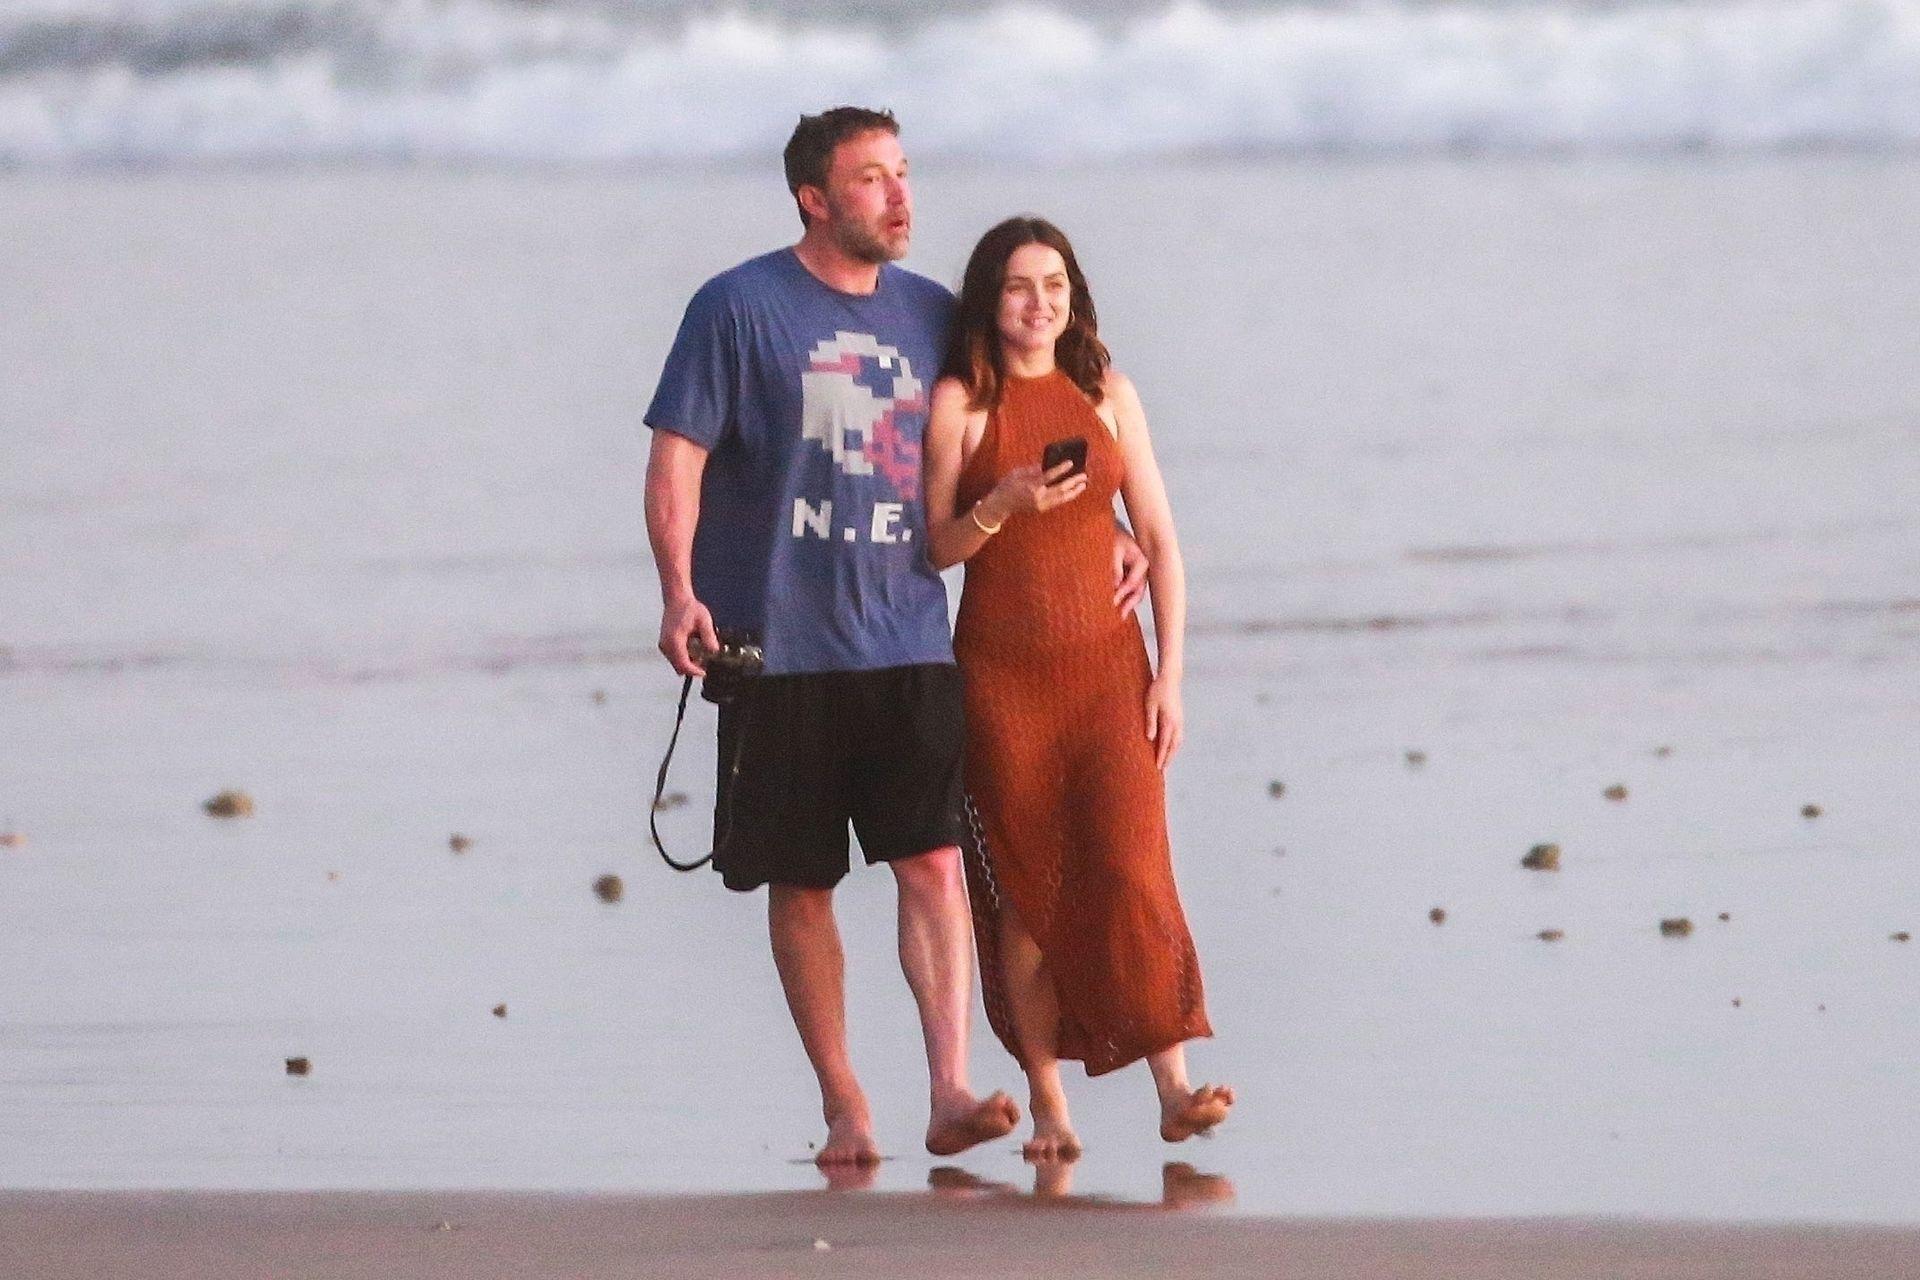 Ben Affleck & Ana De Armas Enjoy A Pda Moment During Romantic Beach Stroll In Costa Rica 0028